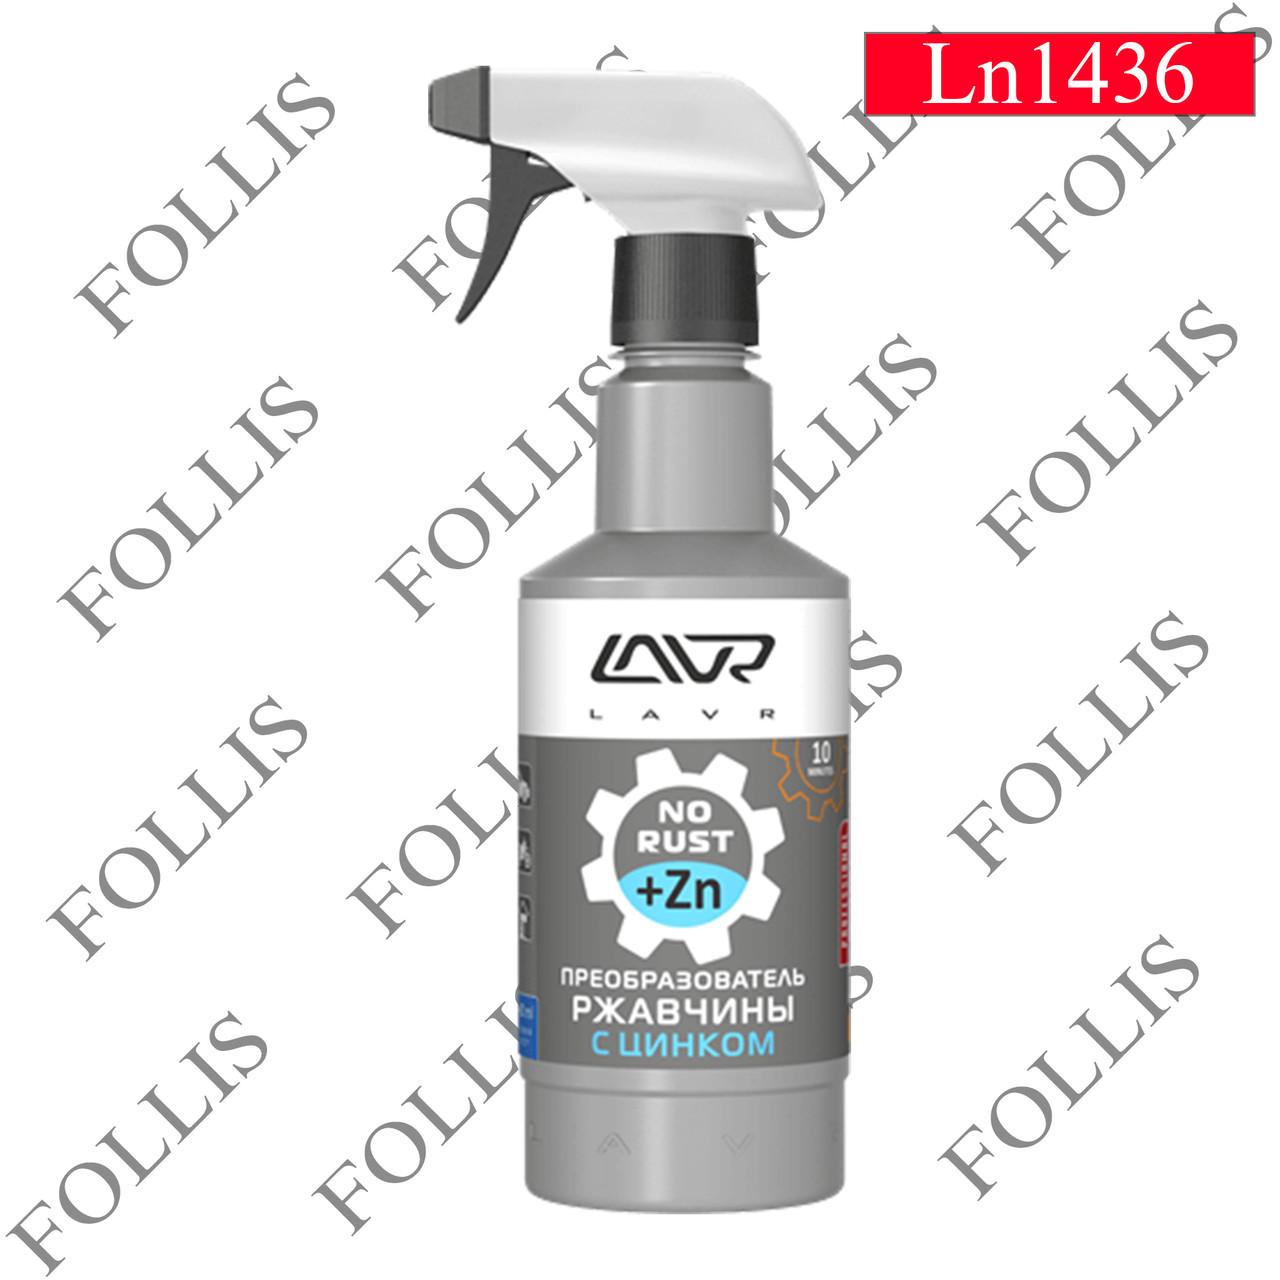 """Преобразователь ржавчины с цинком  """"10 минут"""" LAVR Rust remover NO RUST Zinc+ 480 мл."""